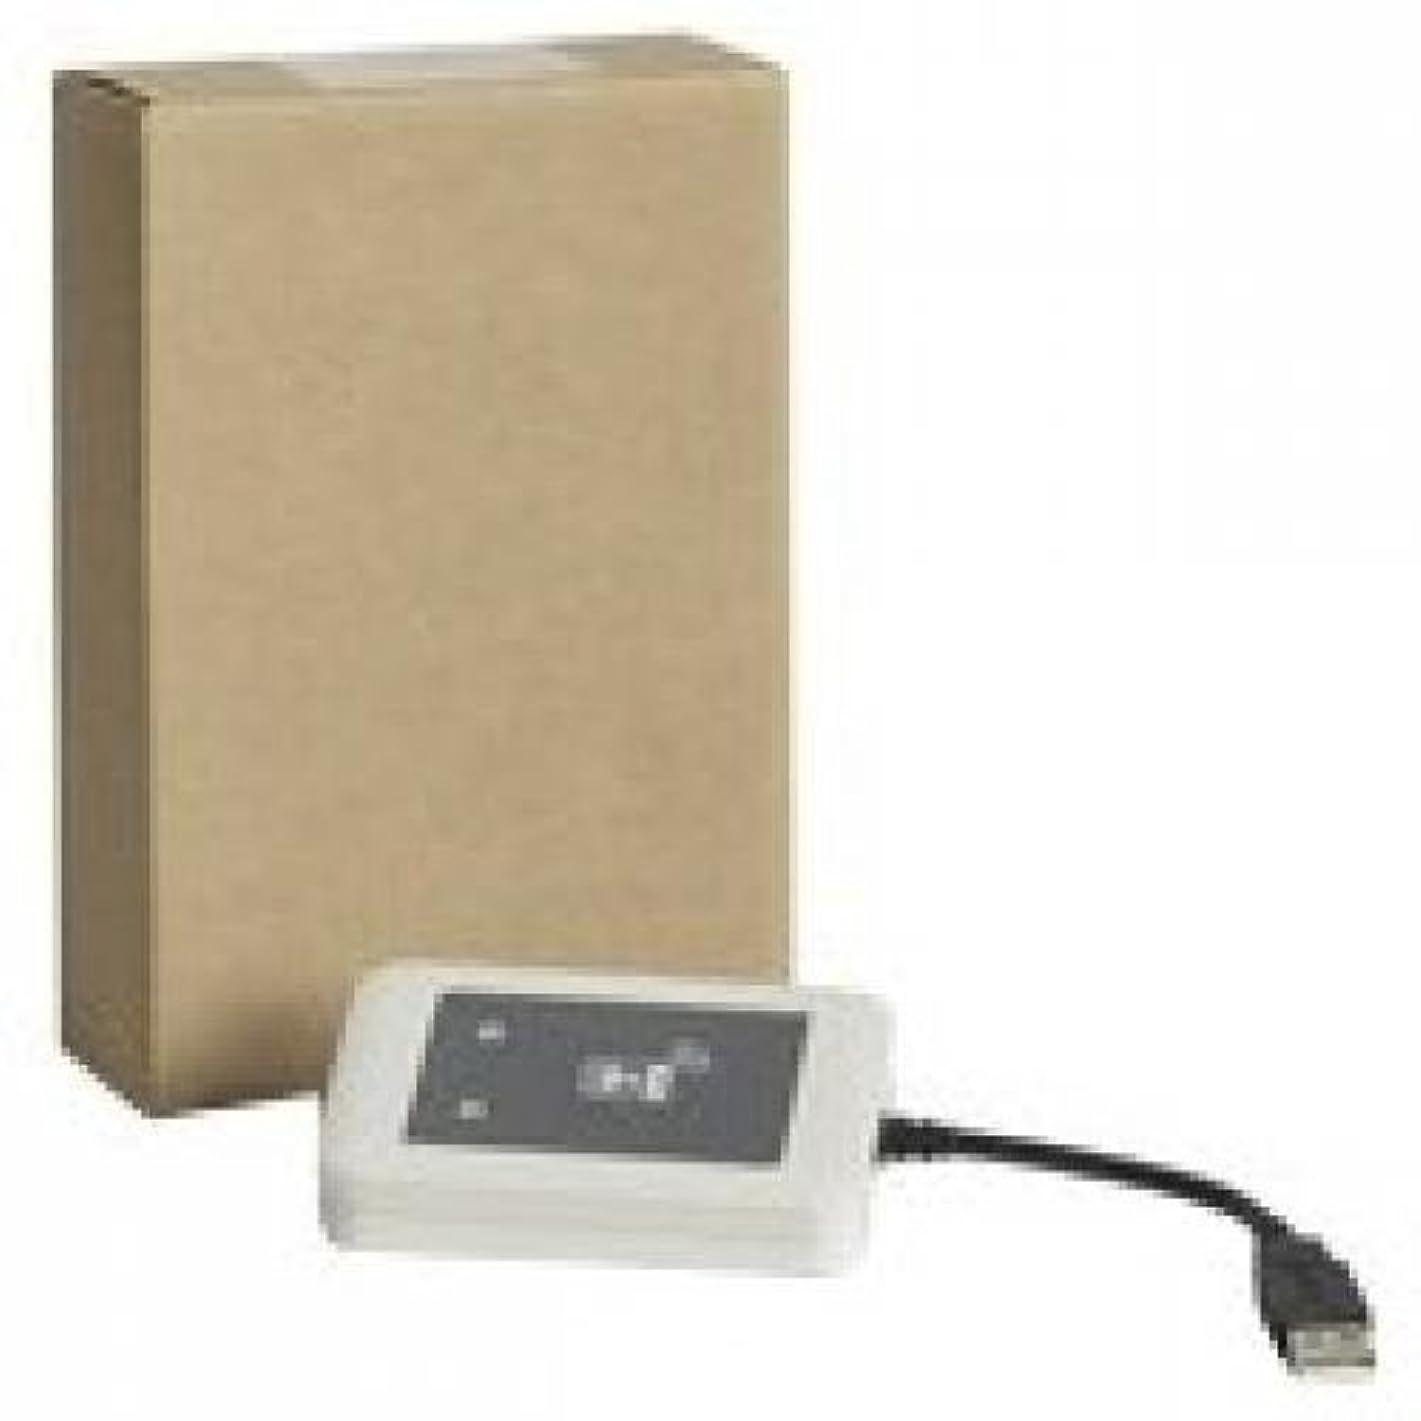 不注意誓約透過性Xerox - RFID reader - USB - for VersaLink B400, B600, B605, B610, B615, C400, C405, C500, C505, C600, C605